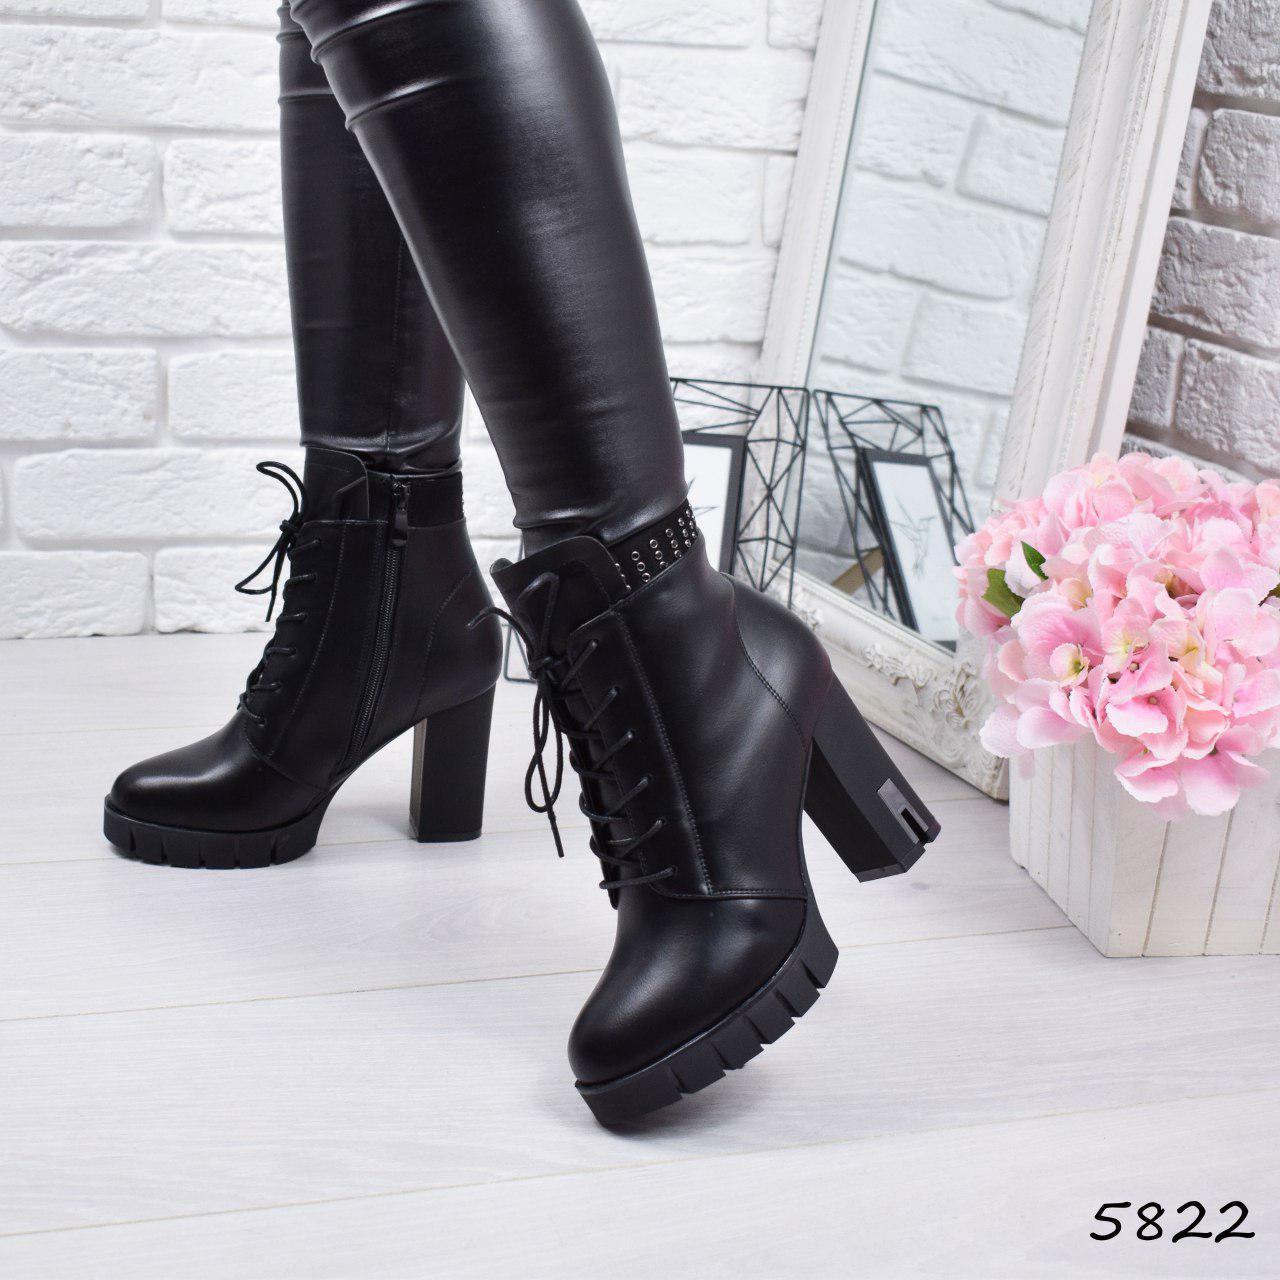 """Ботильоны женские на каблуке, черные """"Ella"""" эко кожа, повседневная, демисезонная женская обувь"""